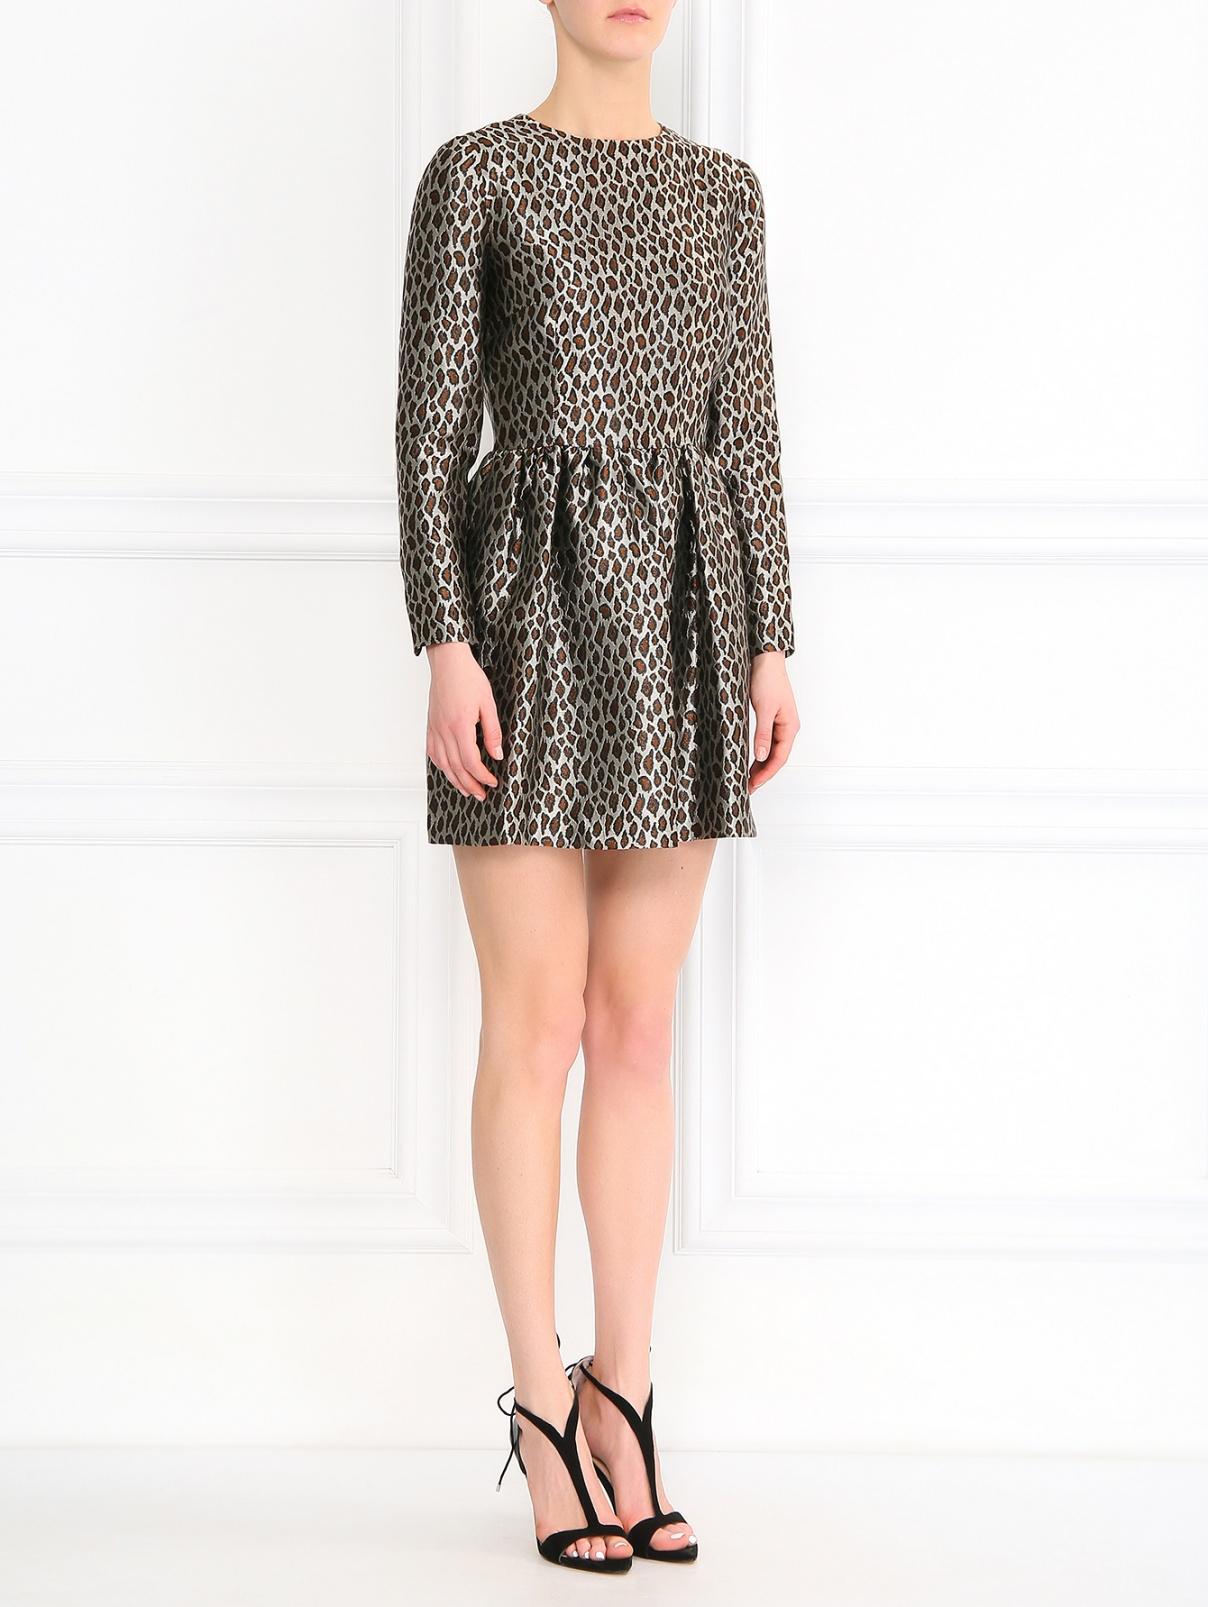 Платье-мини с узором Au Jour Le Jour  –  Модель Общий вид  – Цвет:  Коричневый